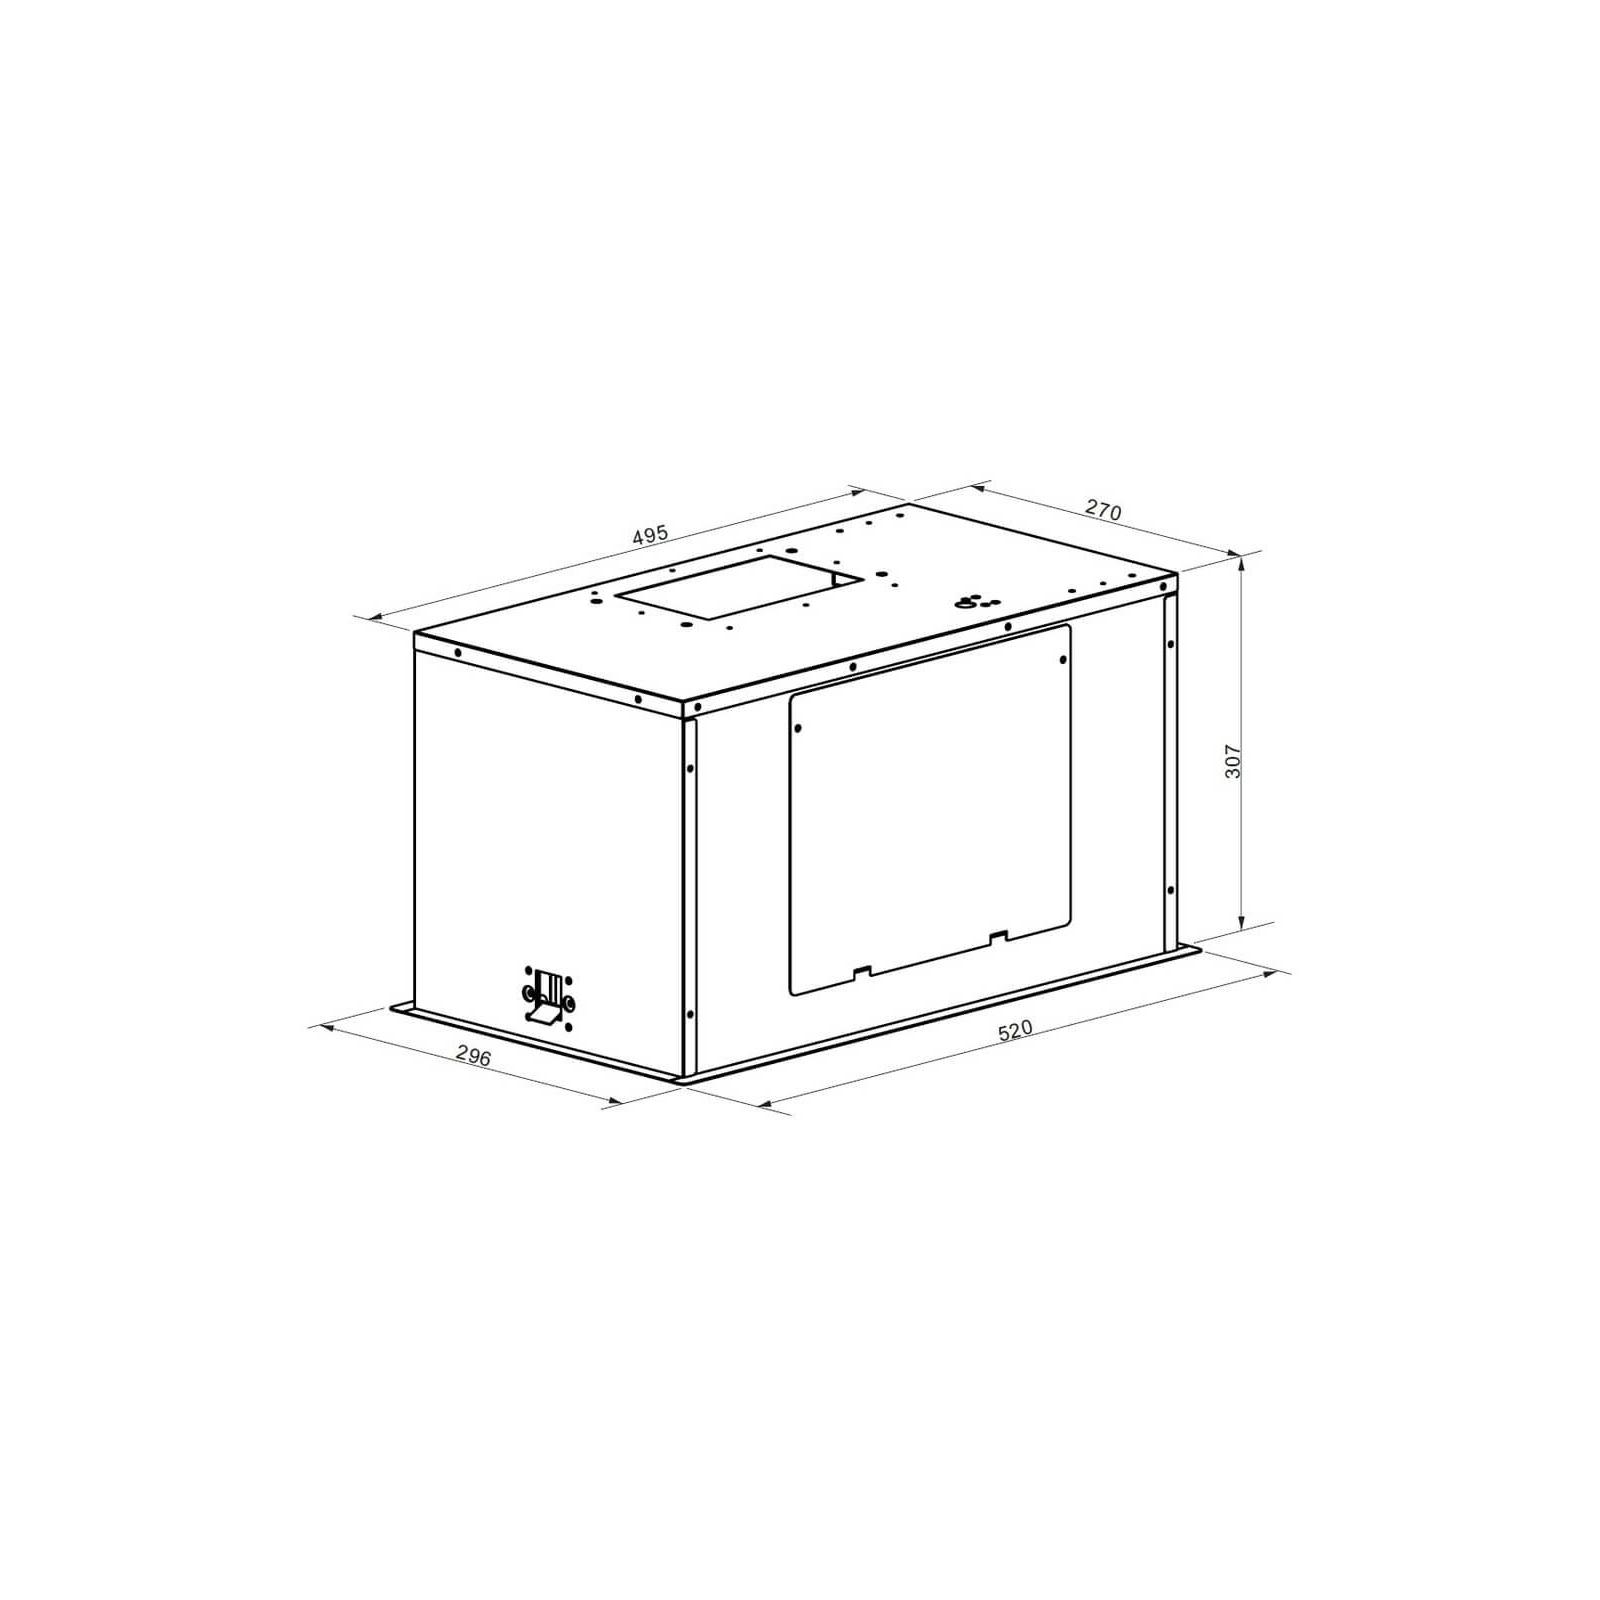 Вытяжка кухонная GUNTER&HAUER ATALA 1060 GL изображение 6